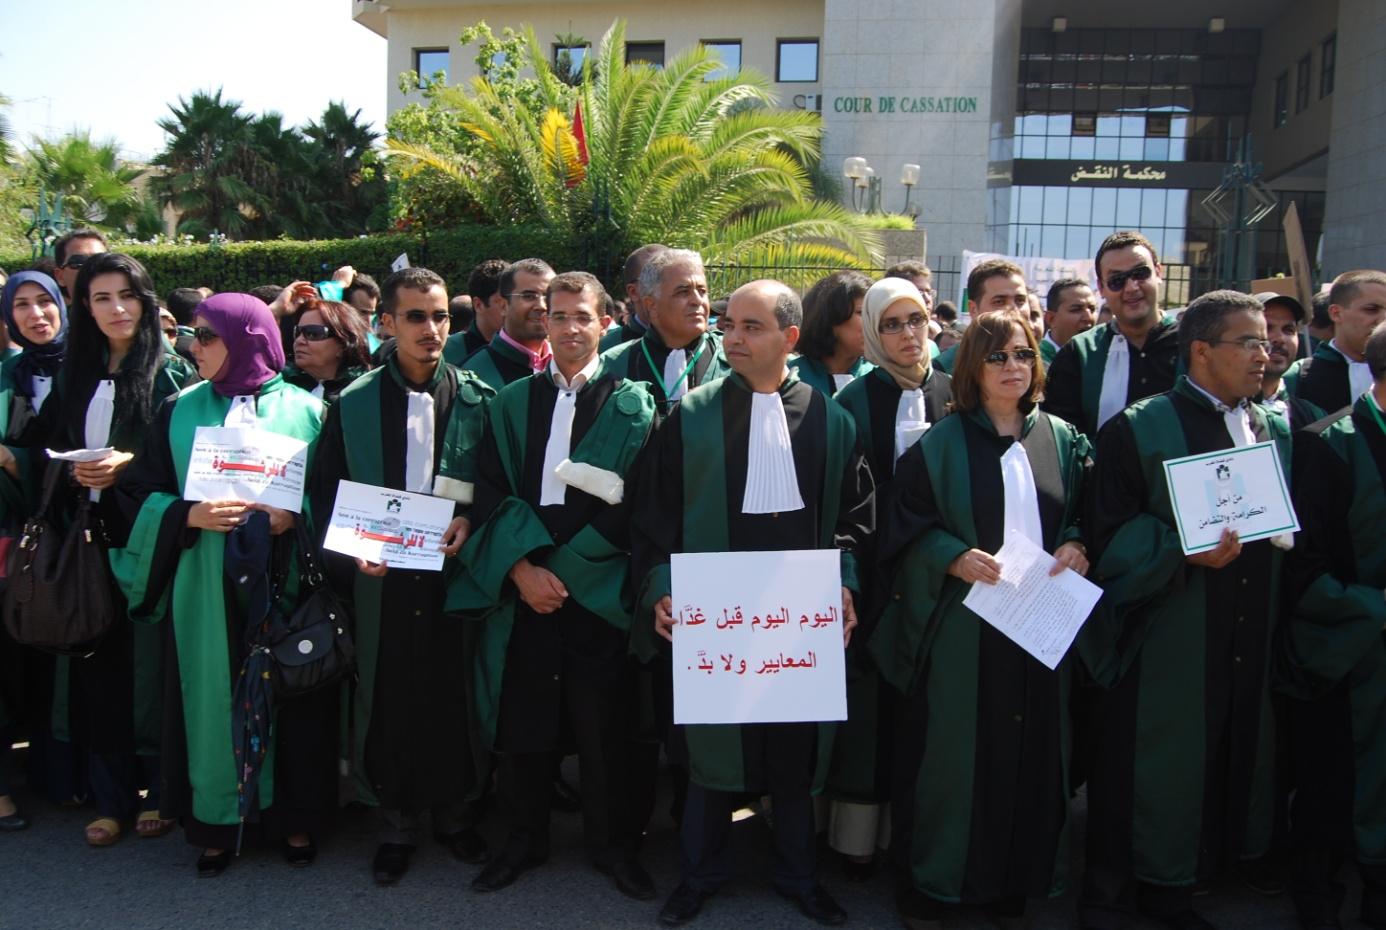 نقل القضاة بسبب الترقية في المغرب: أي موازنة بين المصلحة القضائية ومبدأ عدم نقل القاضي إلا برضاه؟